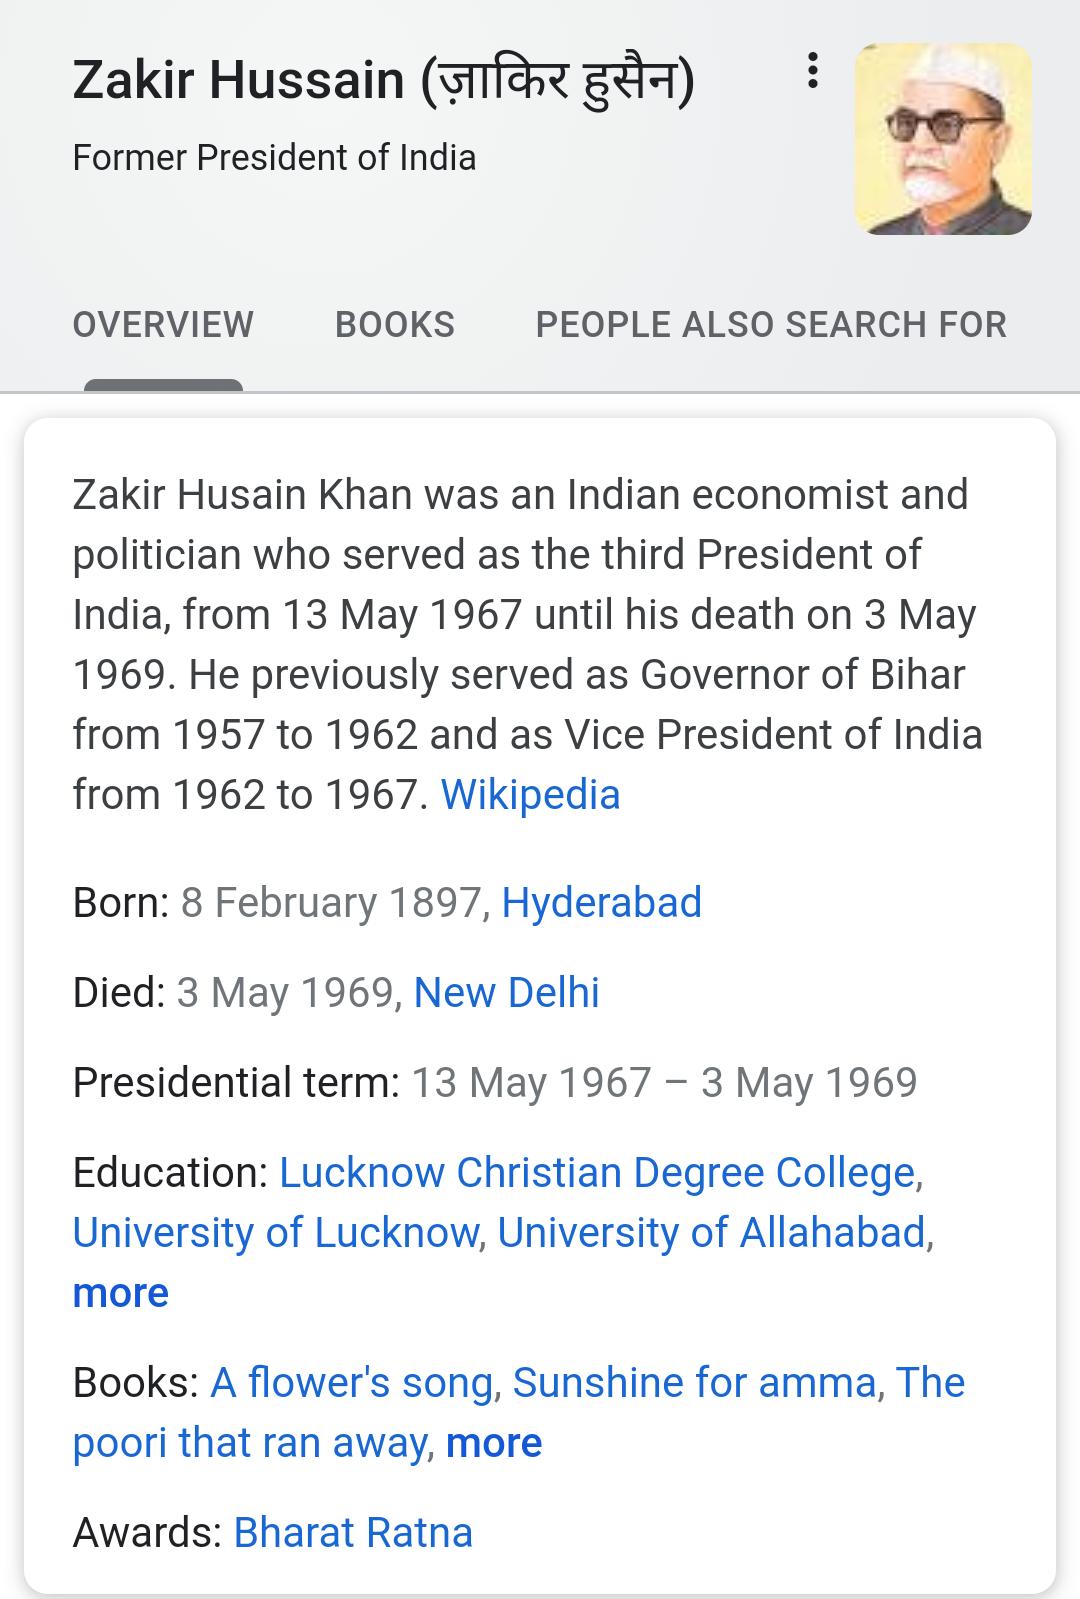 डॉ. जाकिर हुसैन जीवनपरिचय